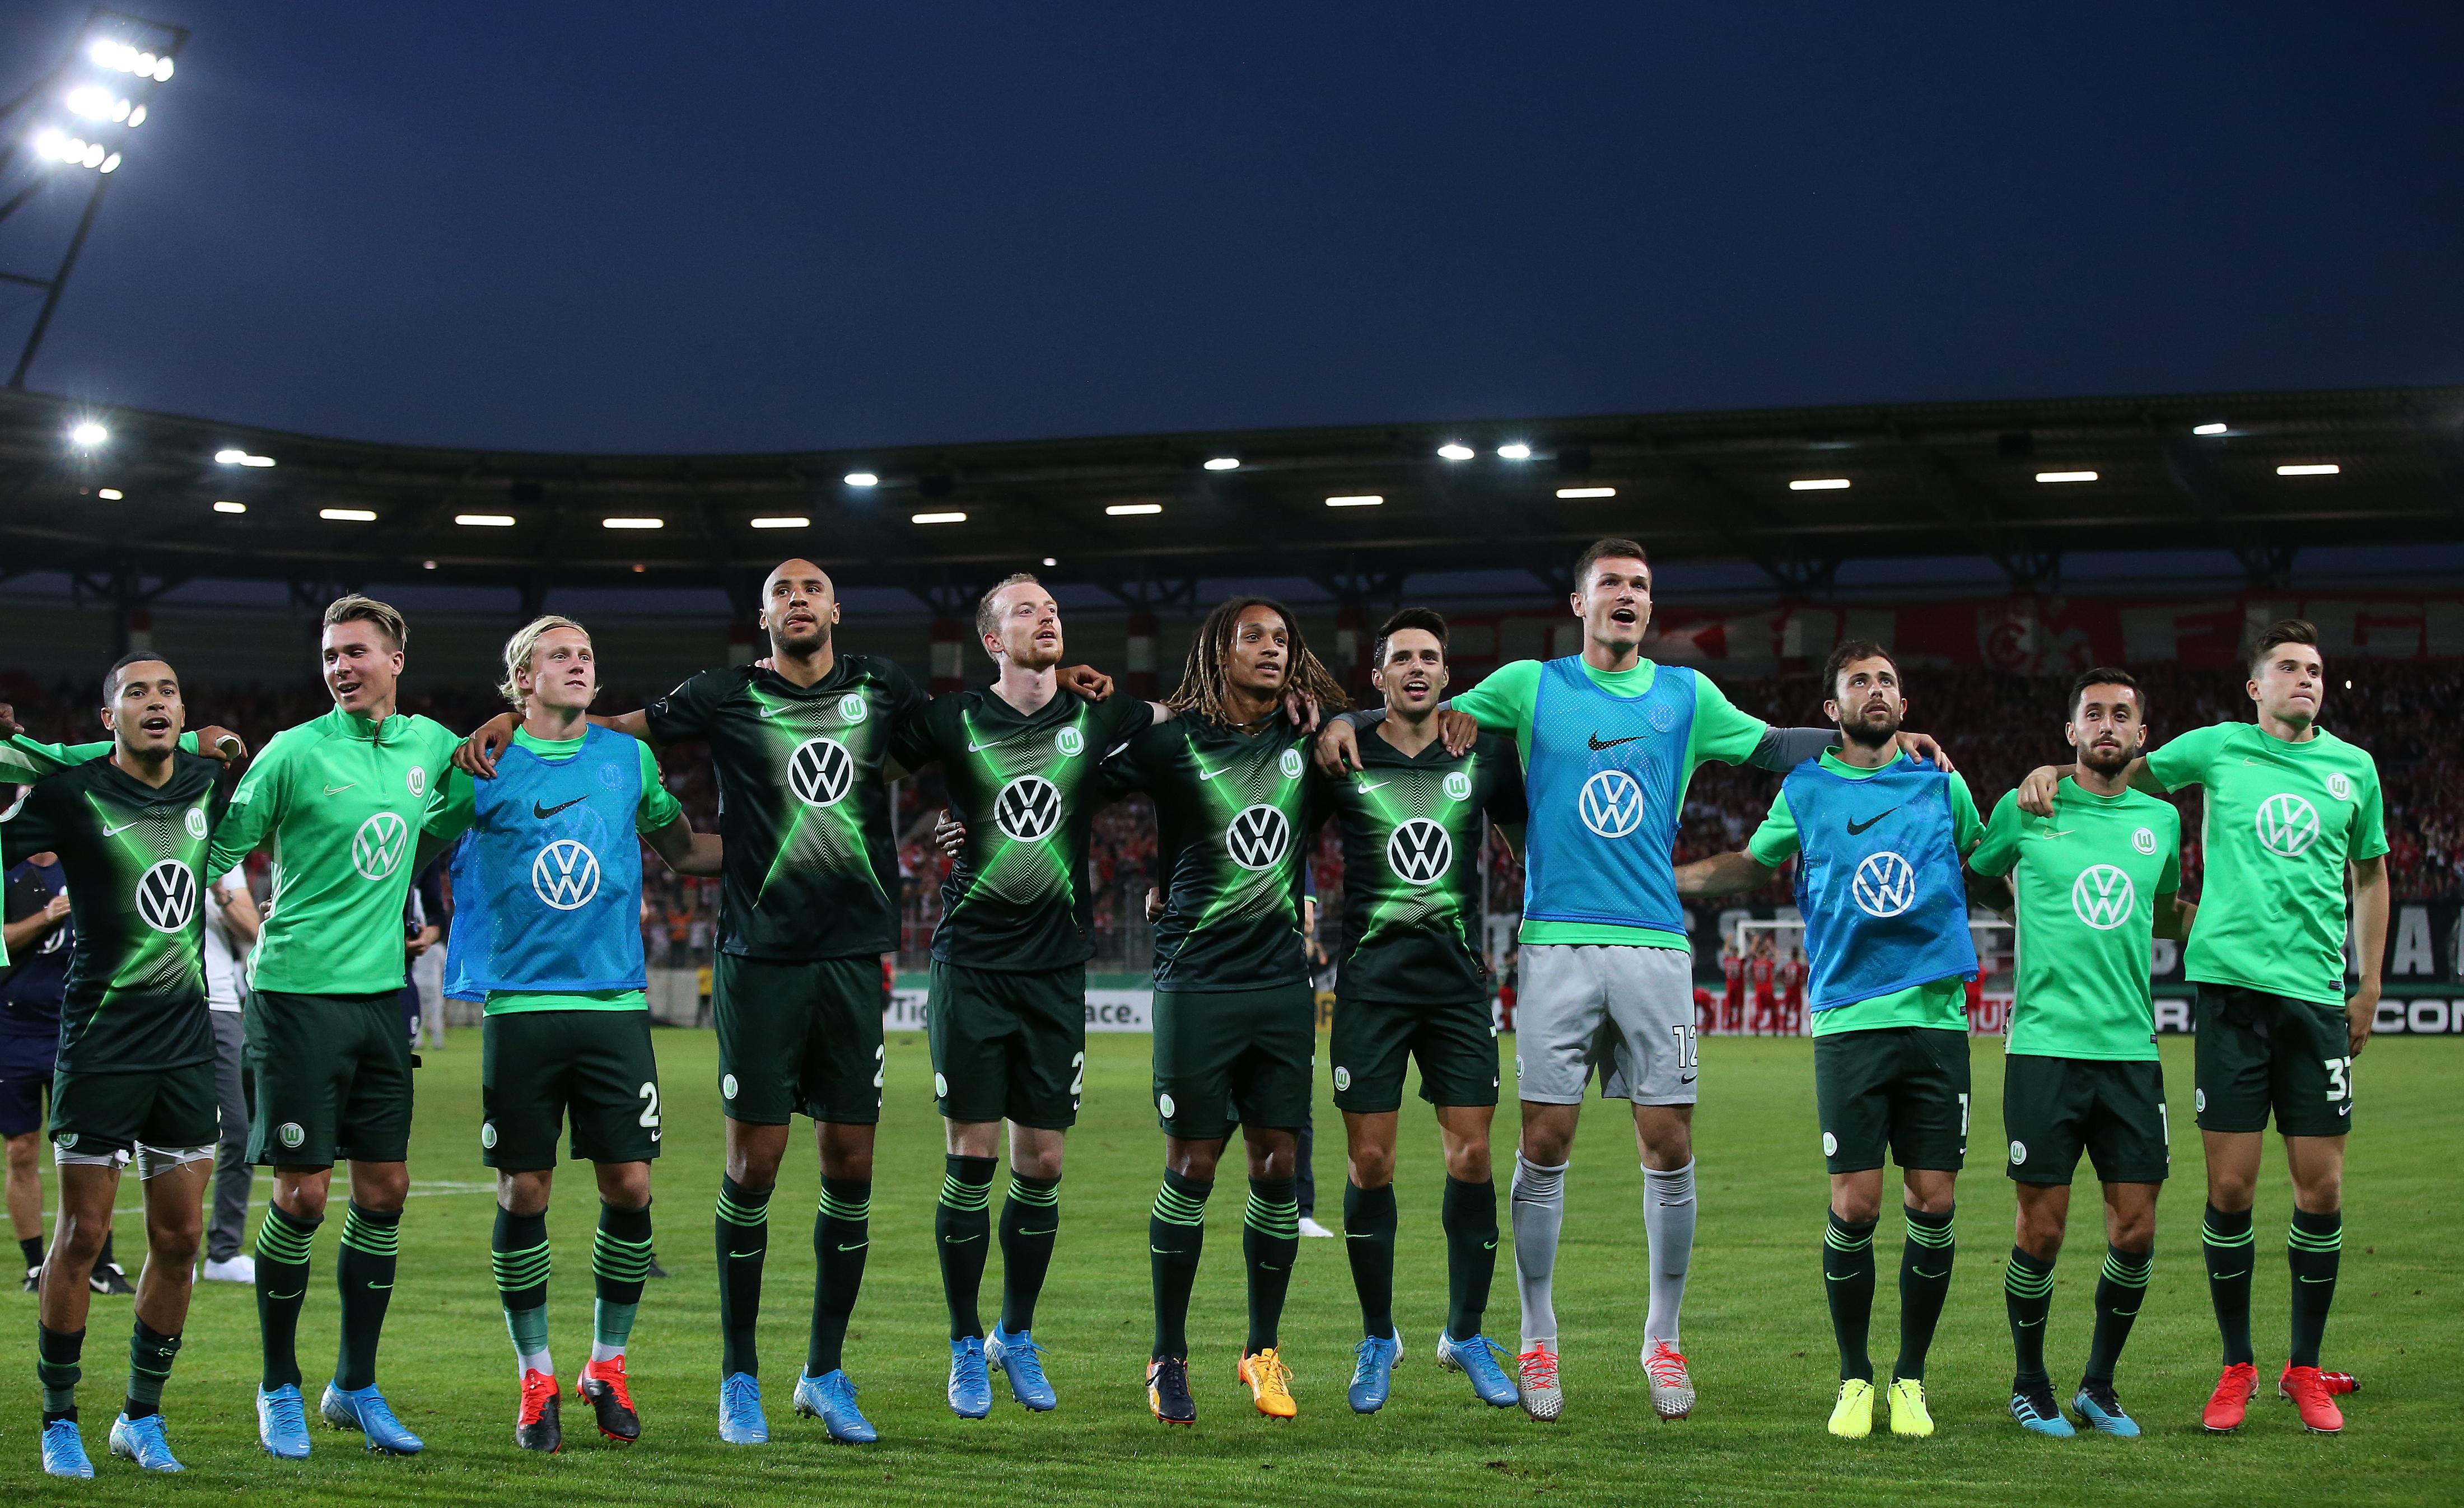 Hallescher FC v VfL Wolfsburg - DFB Cup